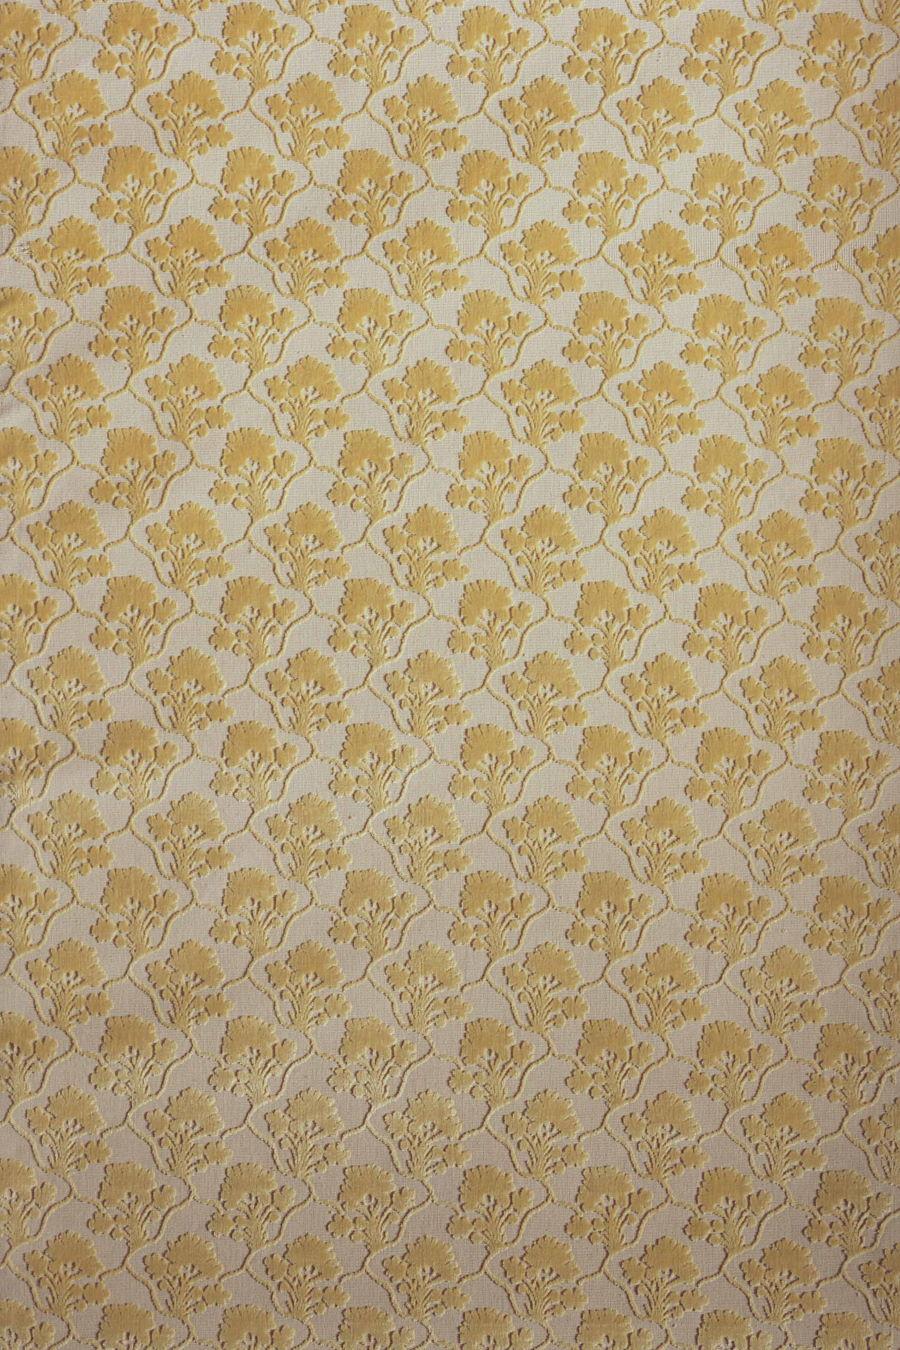 038 - Casa Bianca giallo-archivio Bevilacqua